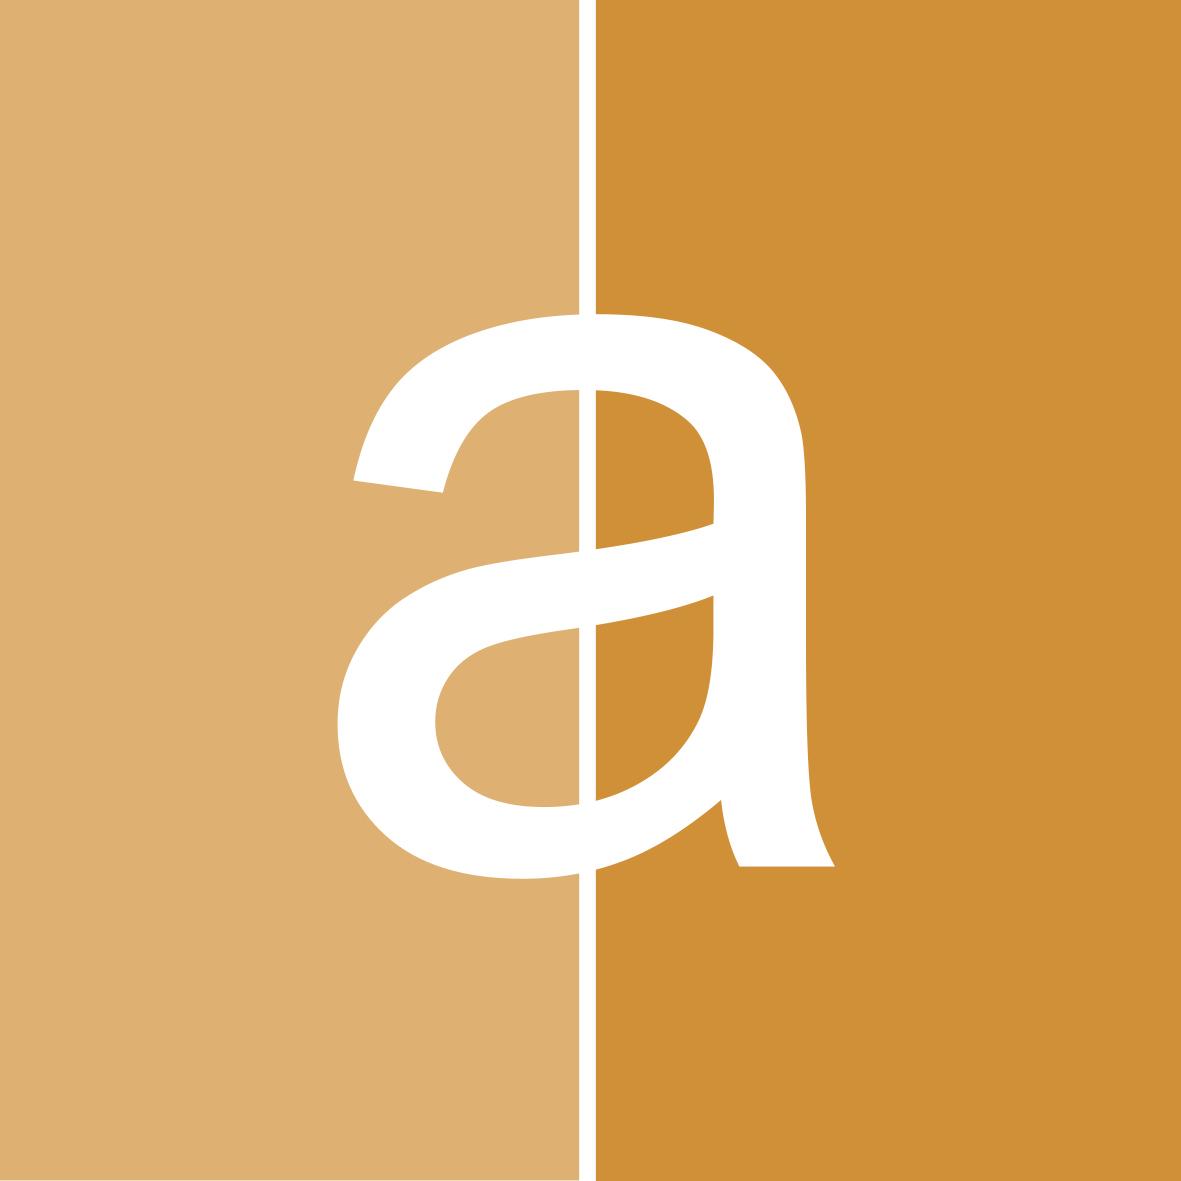 Alternativen zur klassizistischen Arial